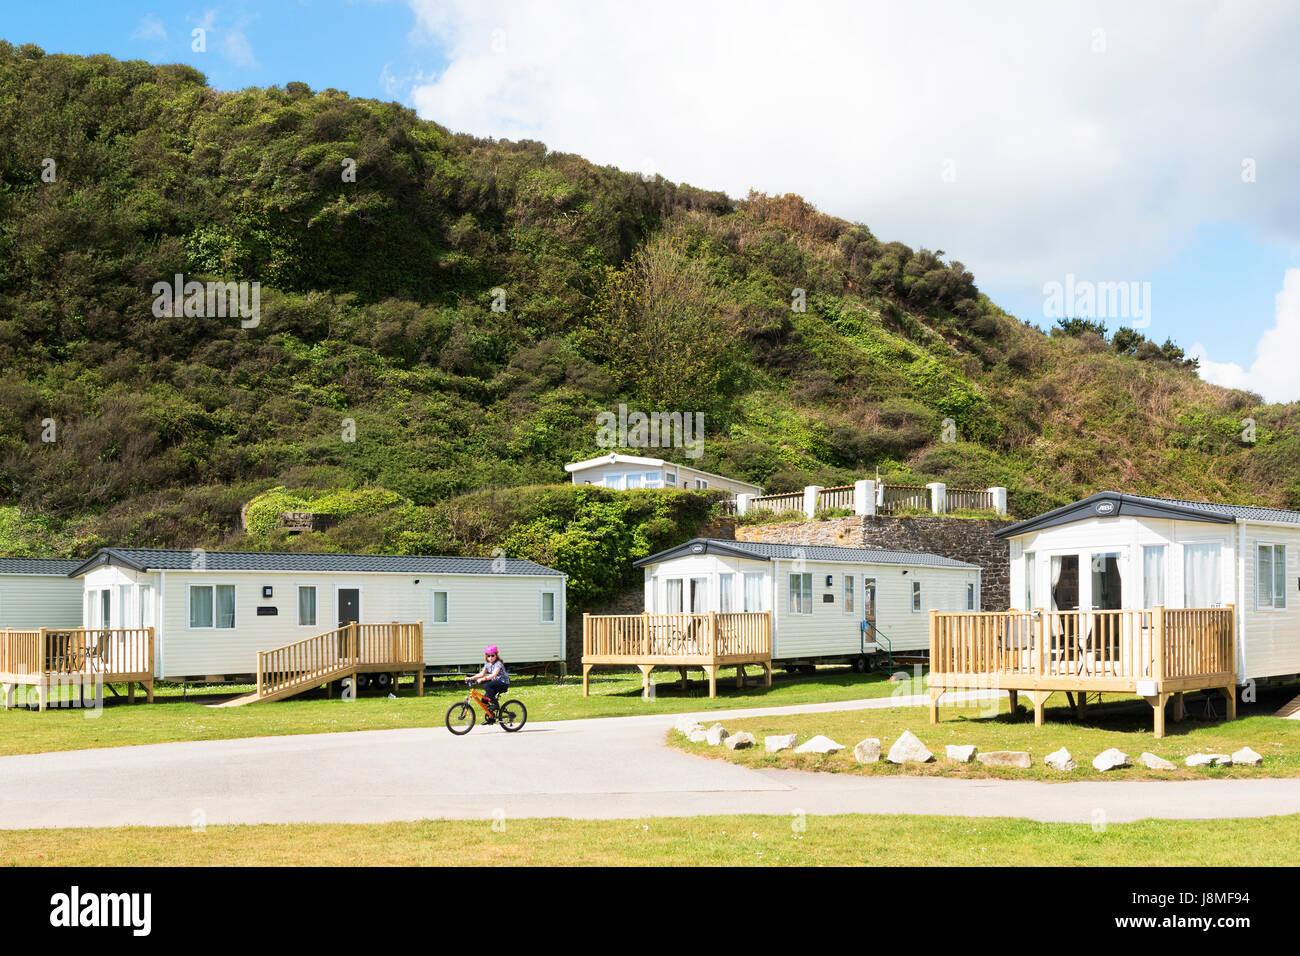 Mobilheim Mieten Cornwall : Mobilheime im pentewan sands holiday park cornwall england uk